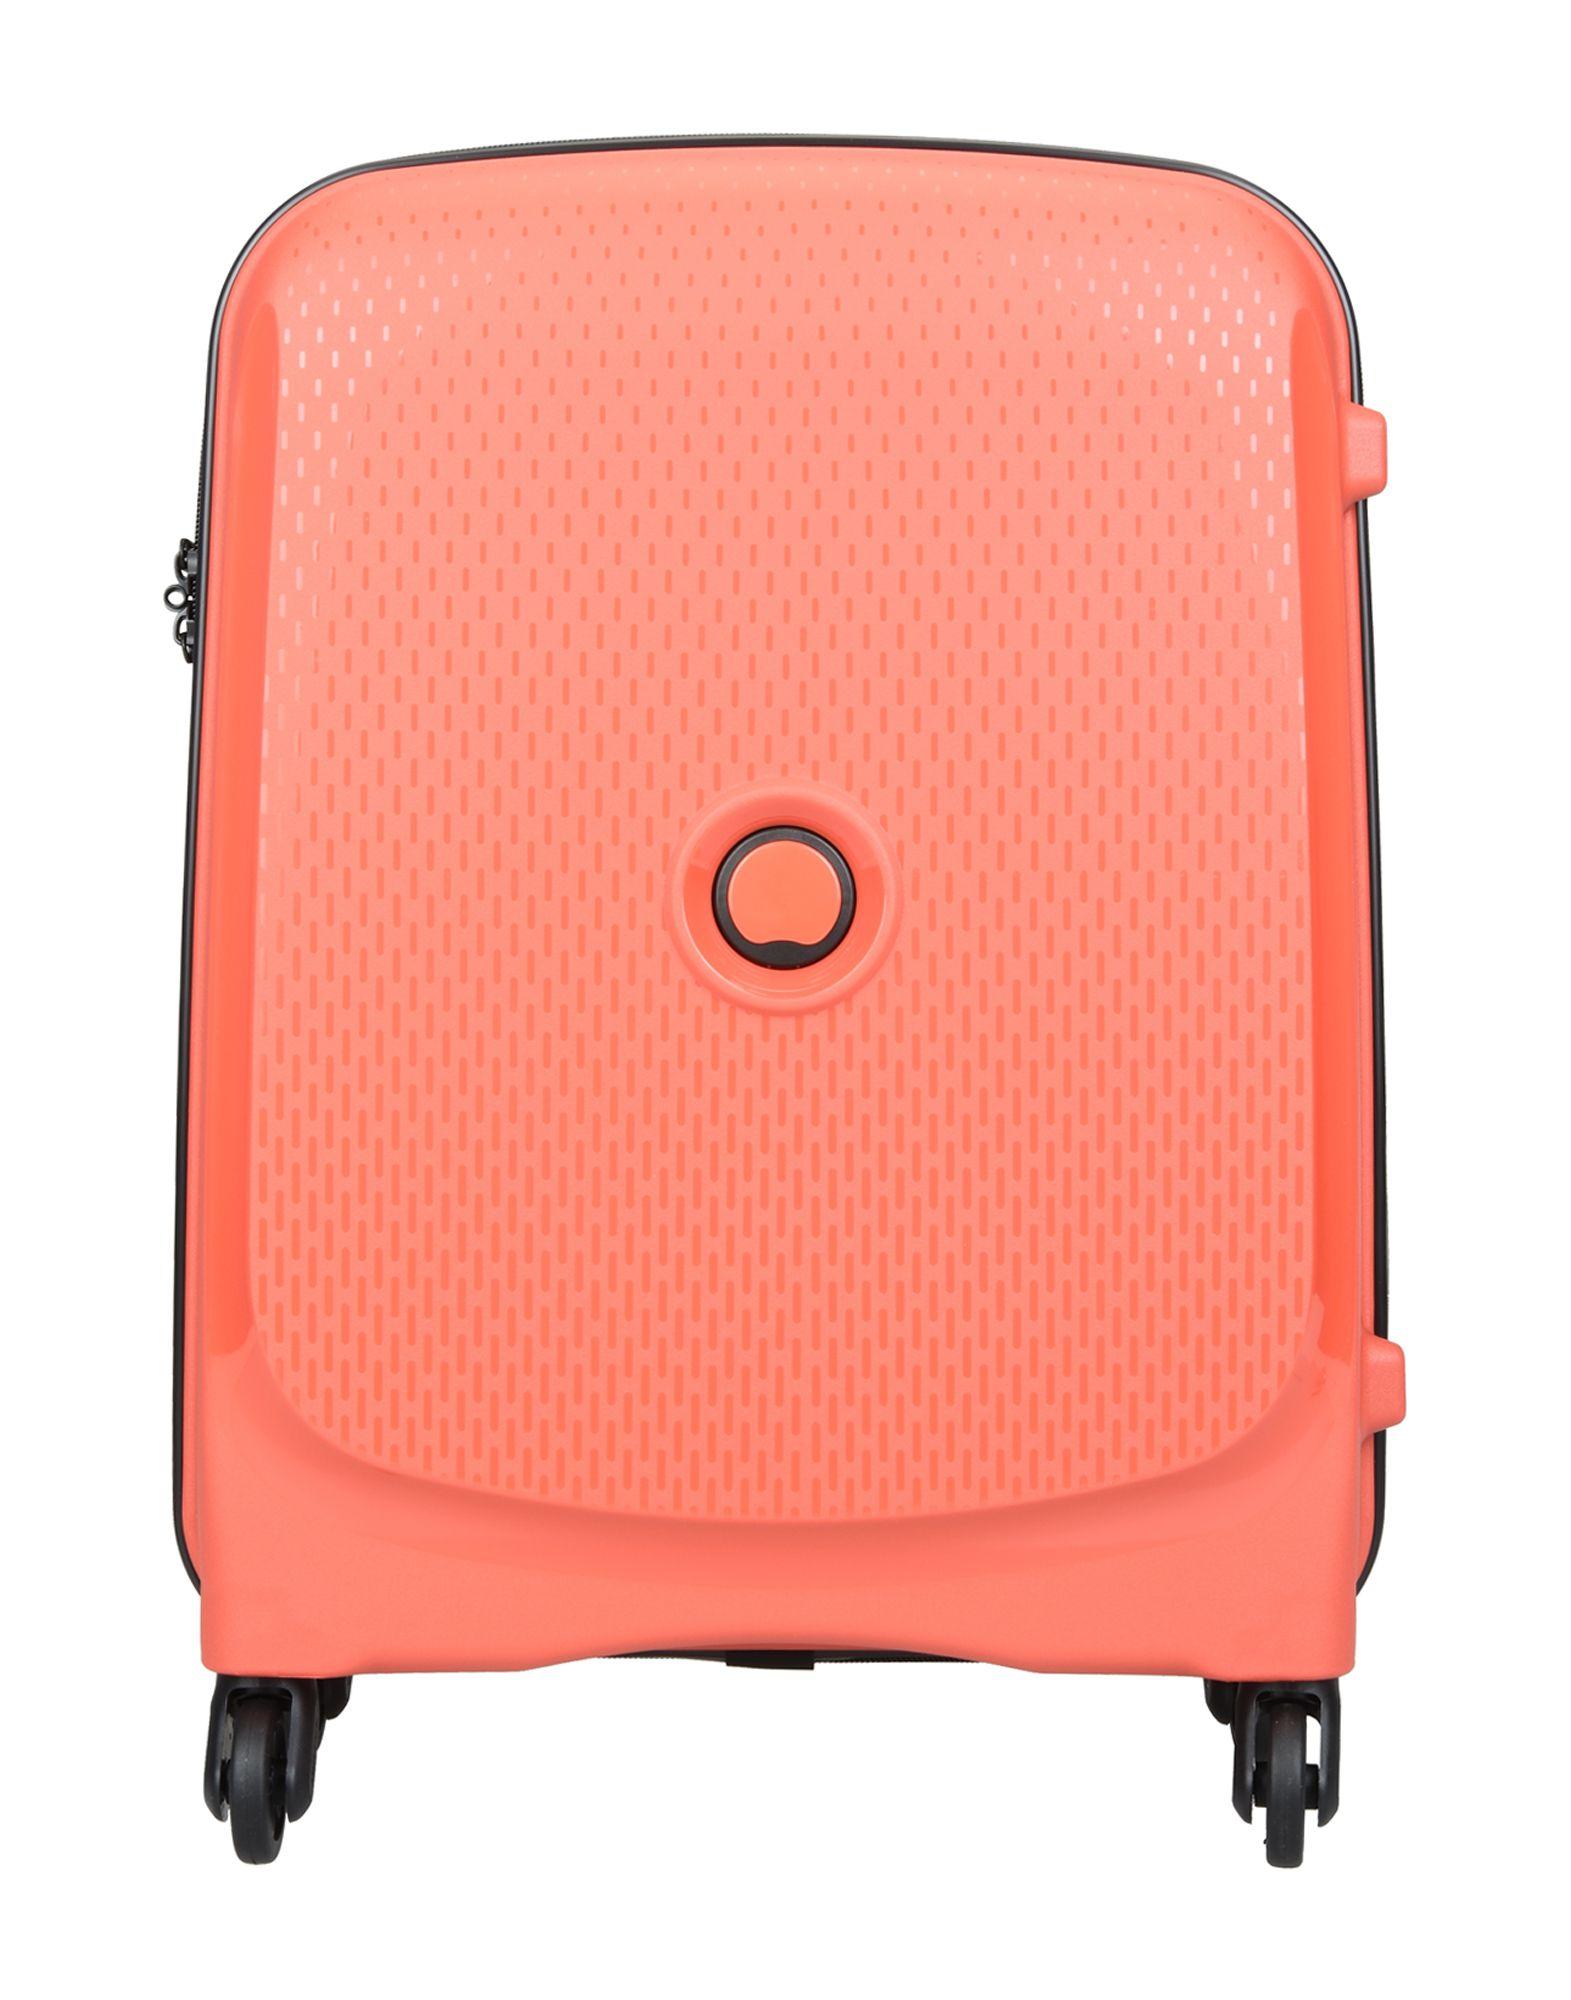 DELSEY Чемодан/сумка на колесиках французский посол delsey полиэстер рюкзак компьютер сумка мода популярный многофункциональный оранжевый 00001460025